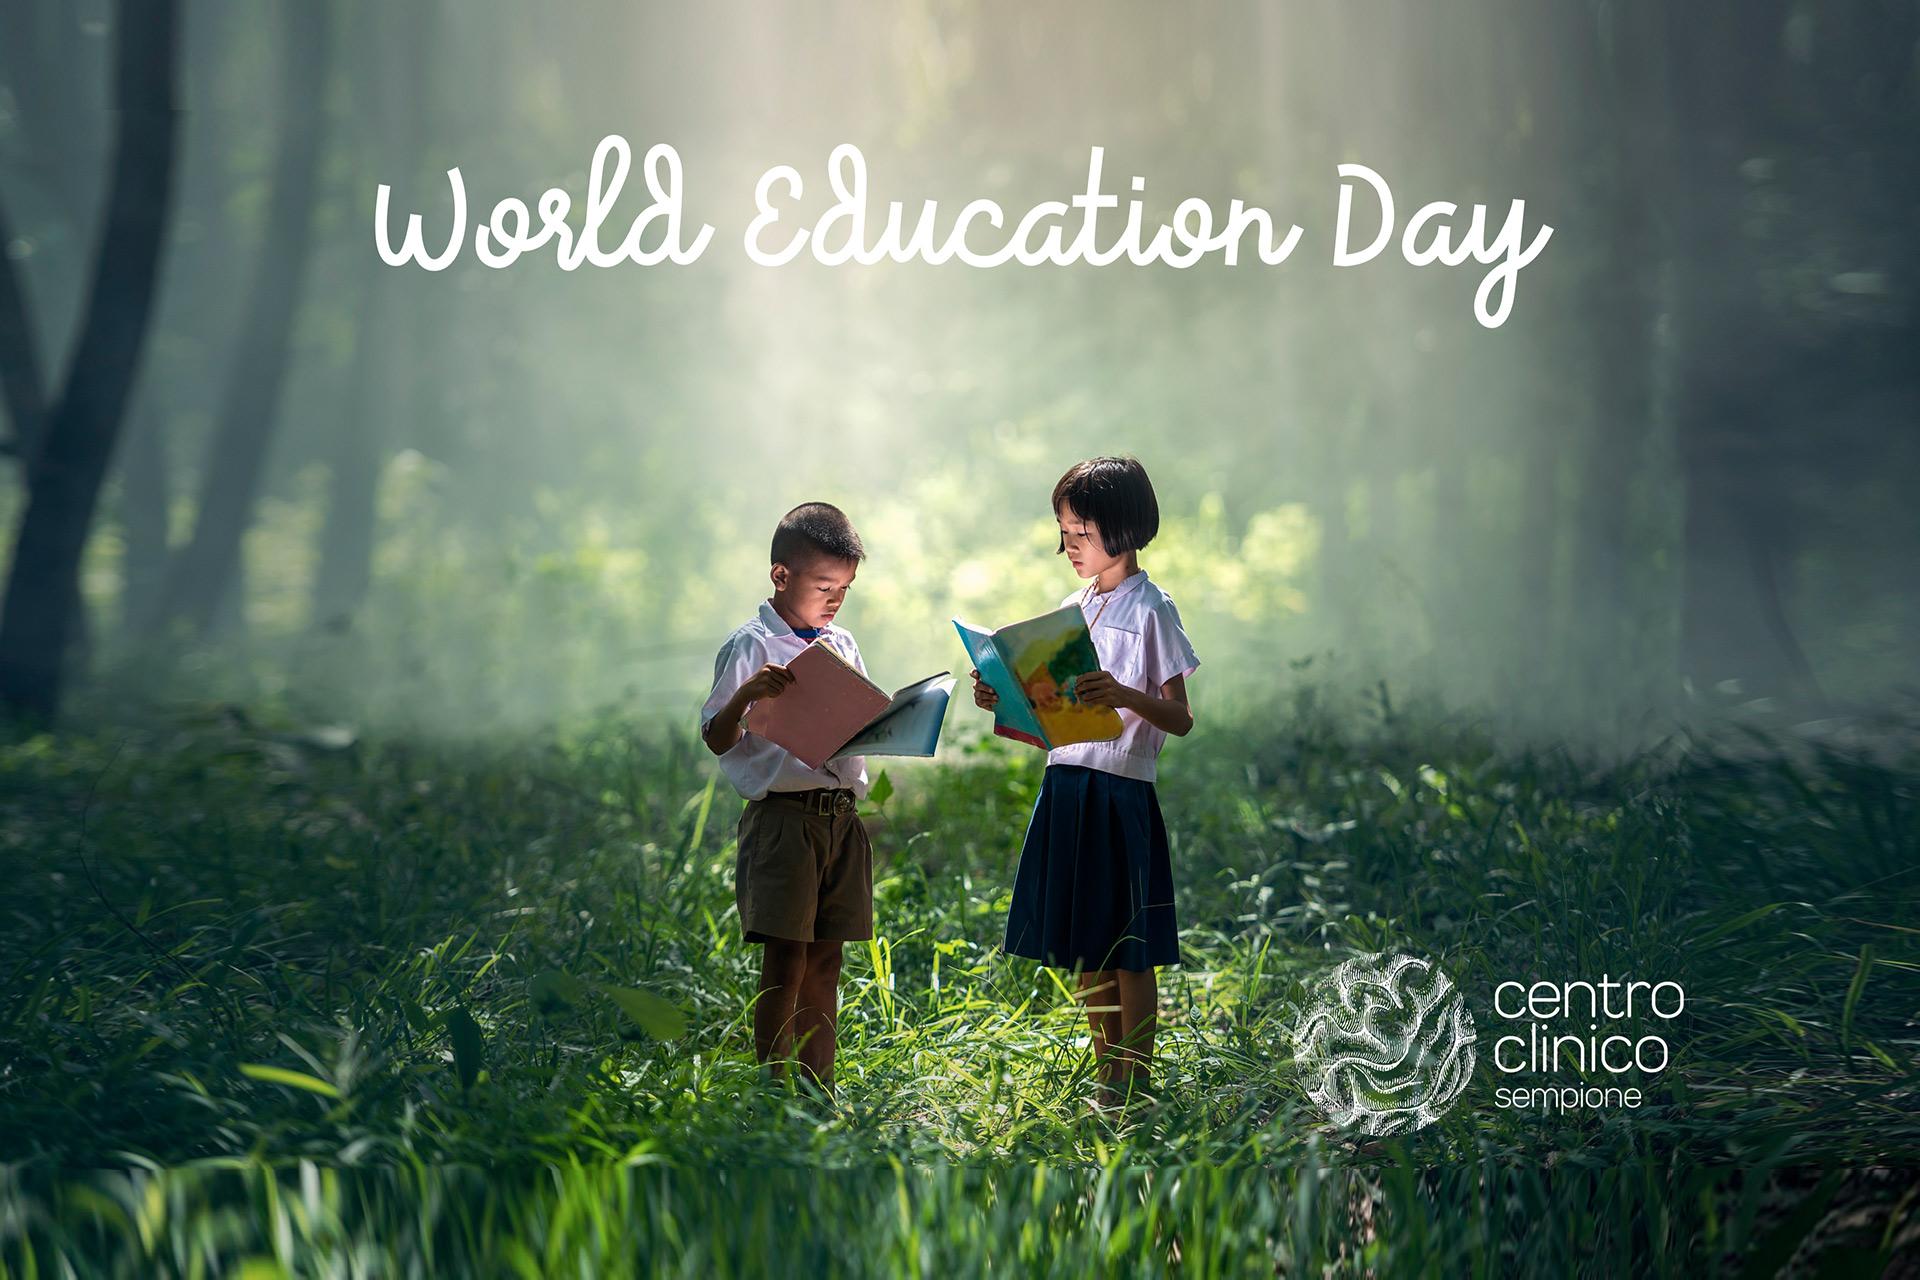 Cosa vuol dire educare